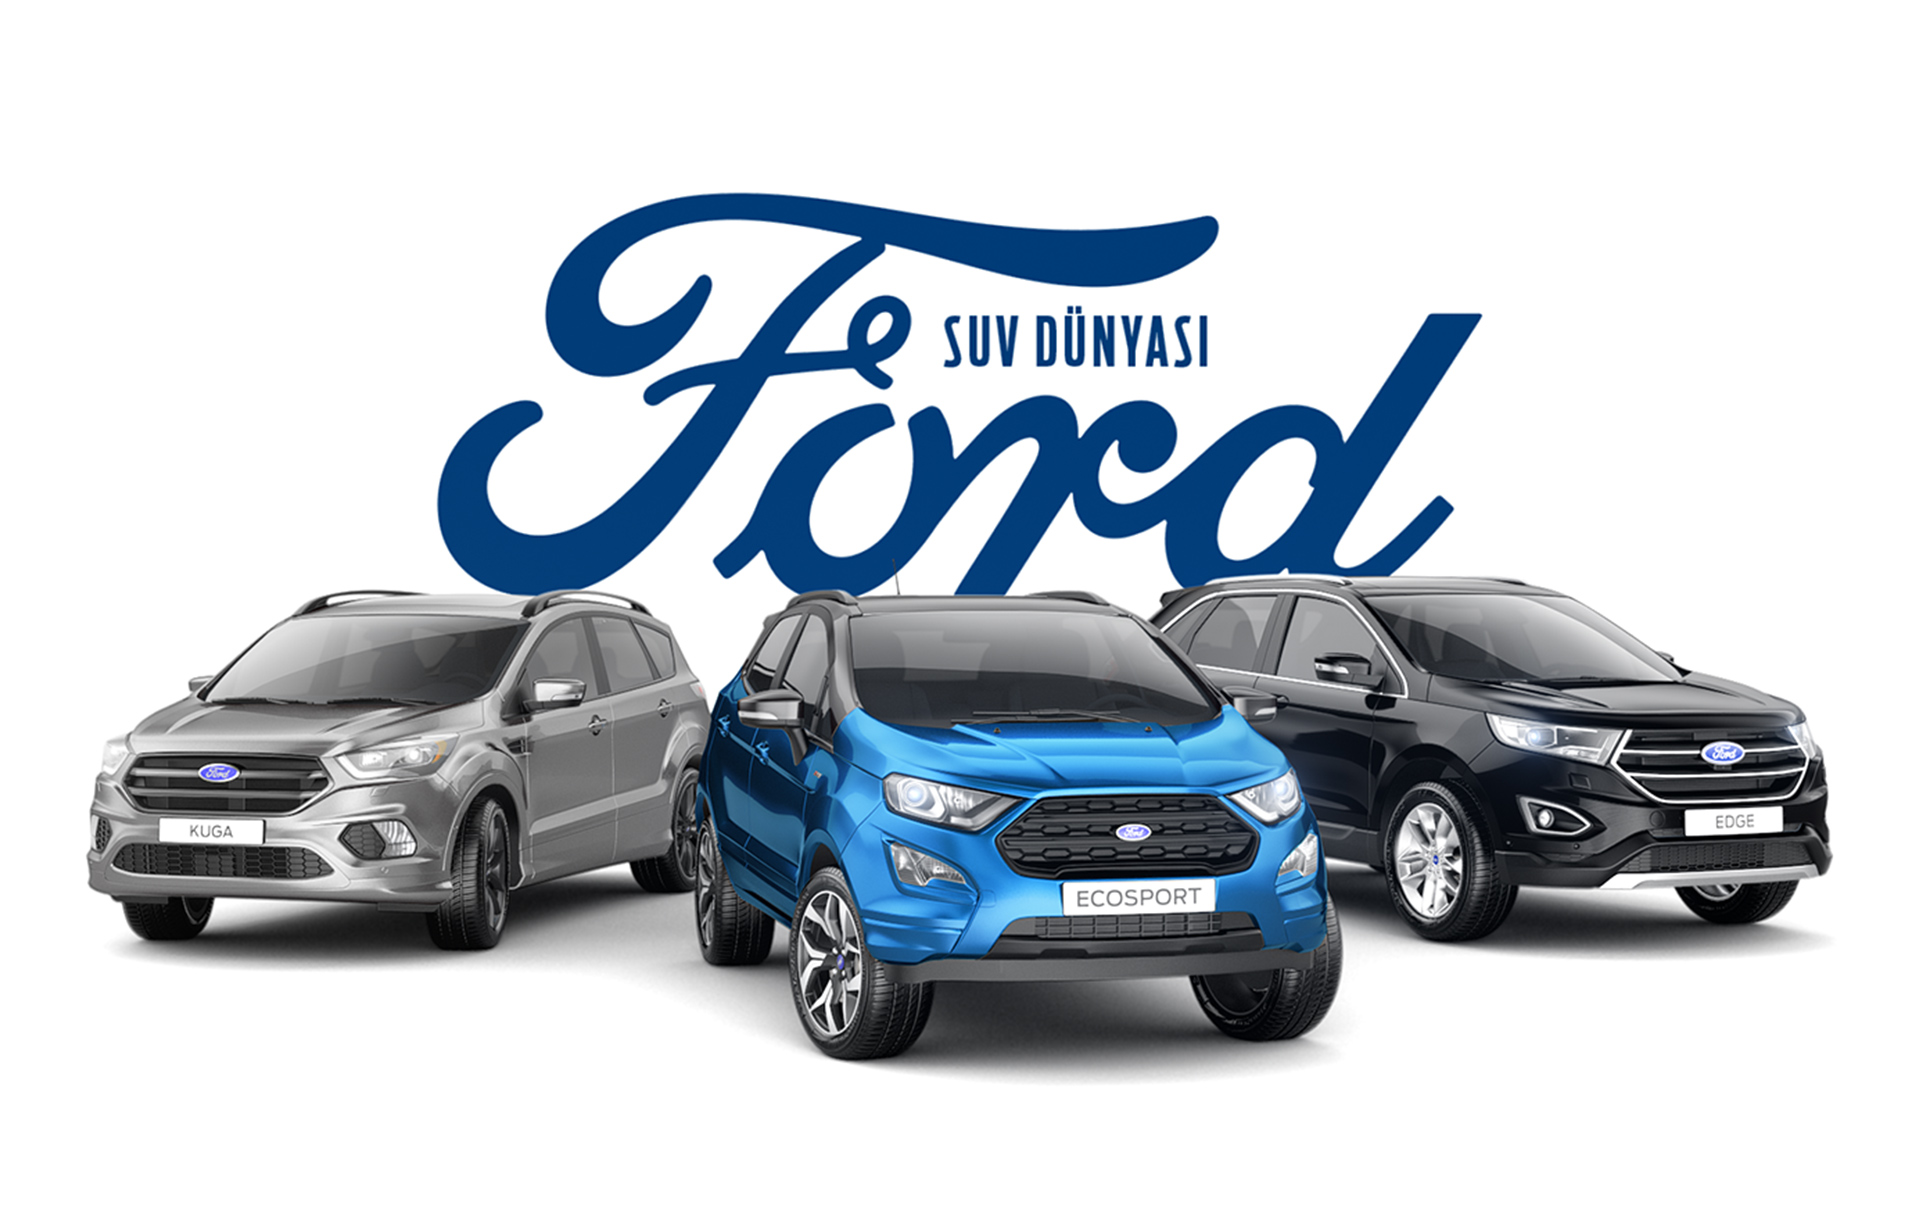 Ford | SUV Dünyası Animasyonu